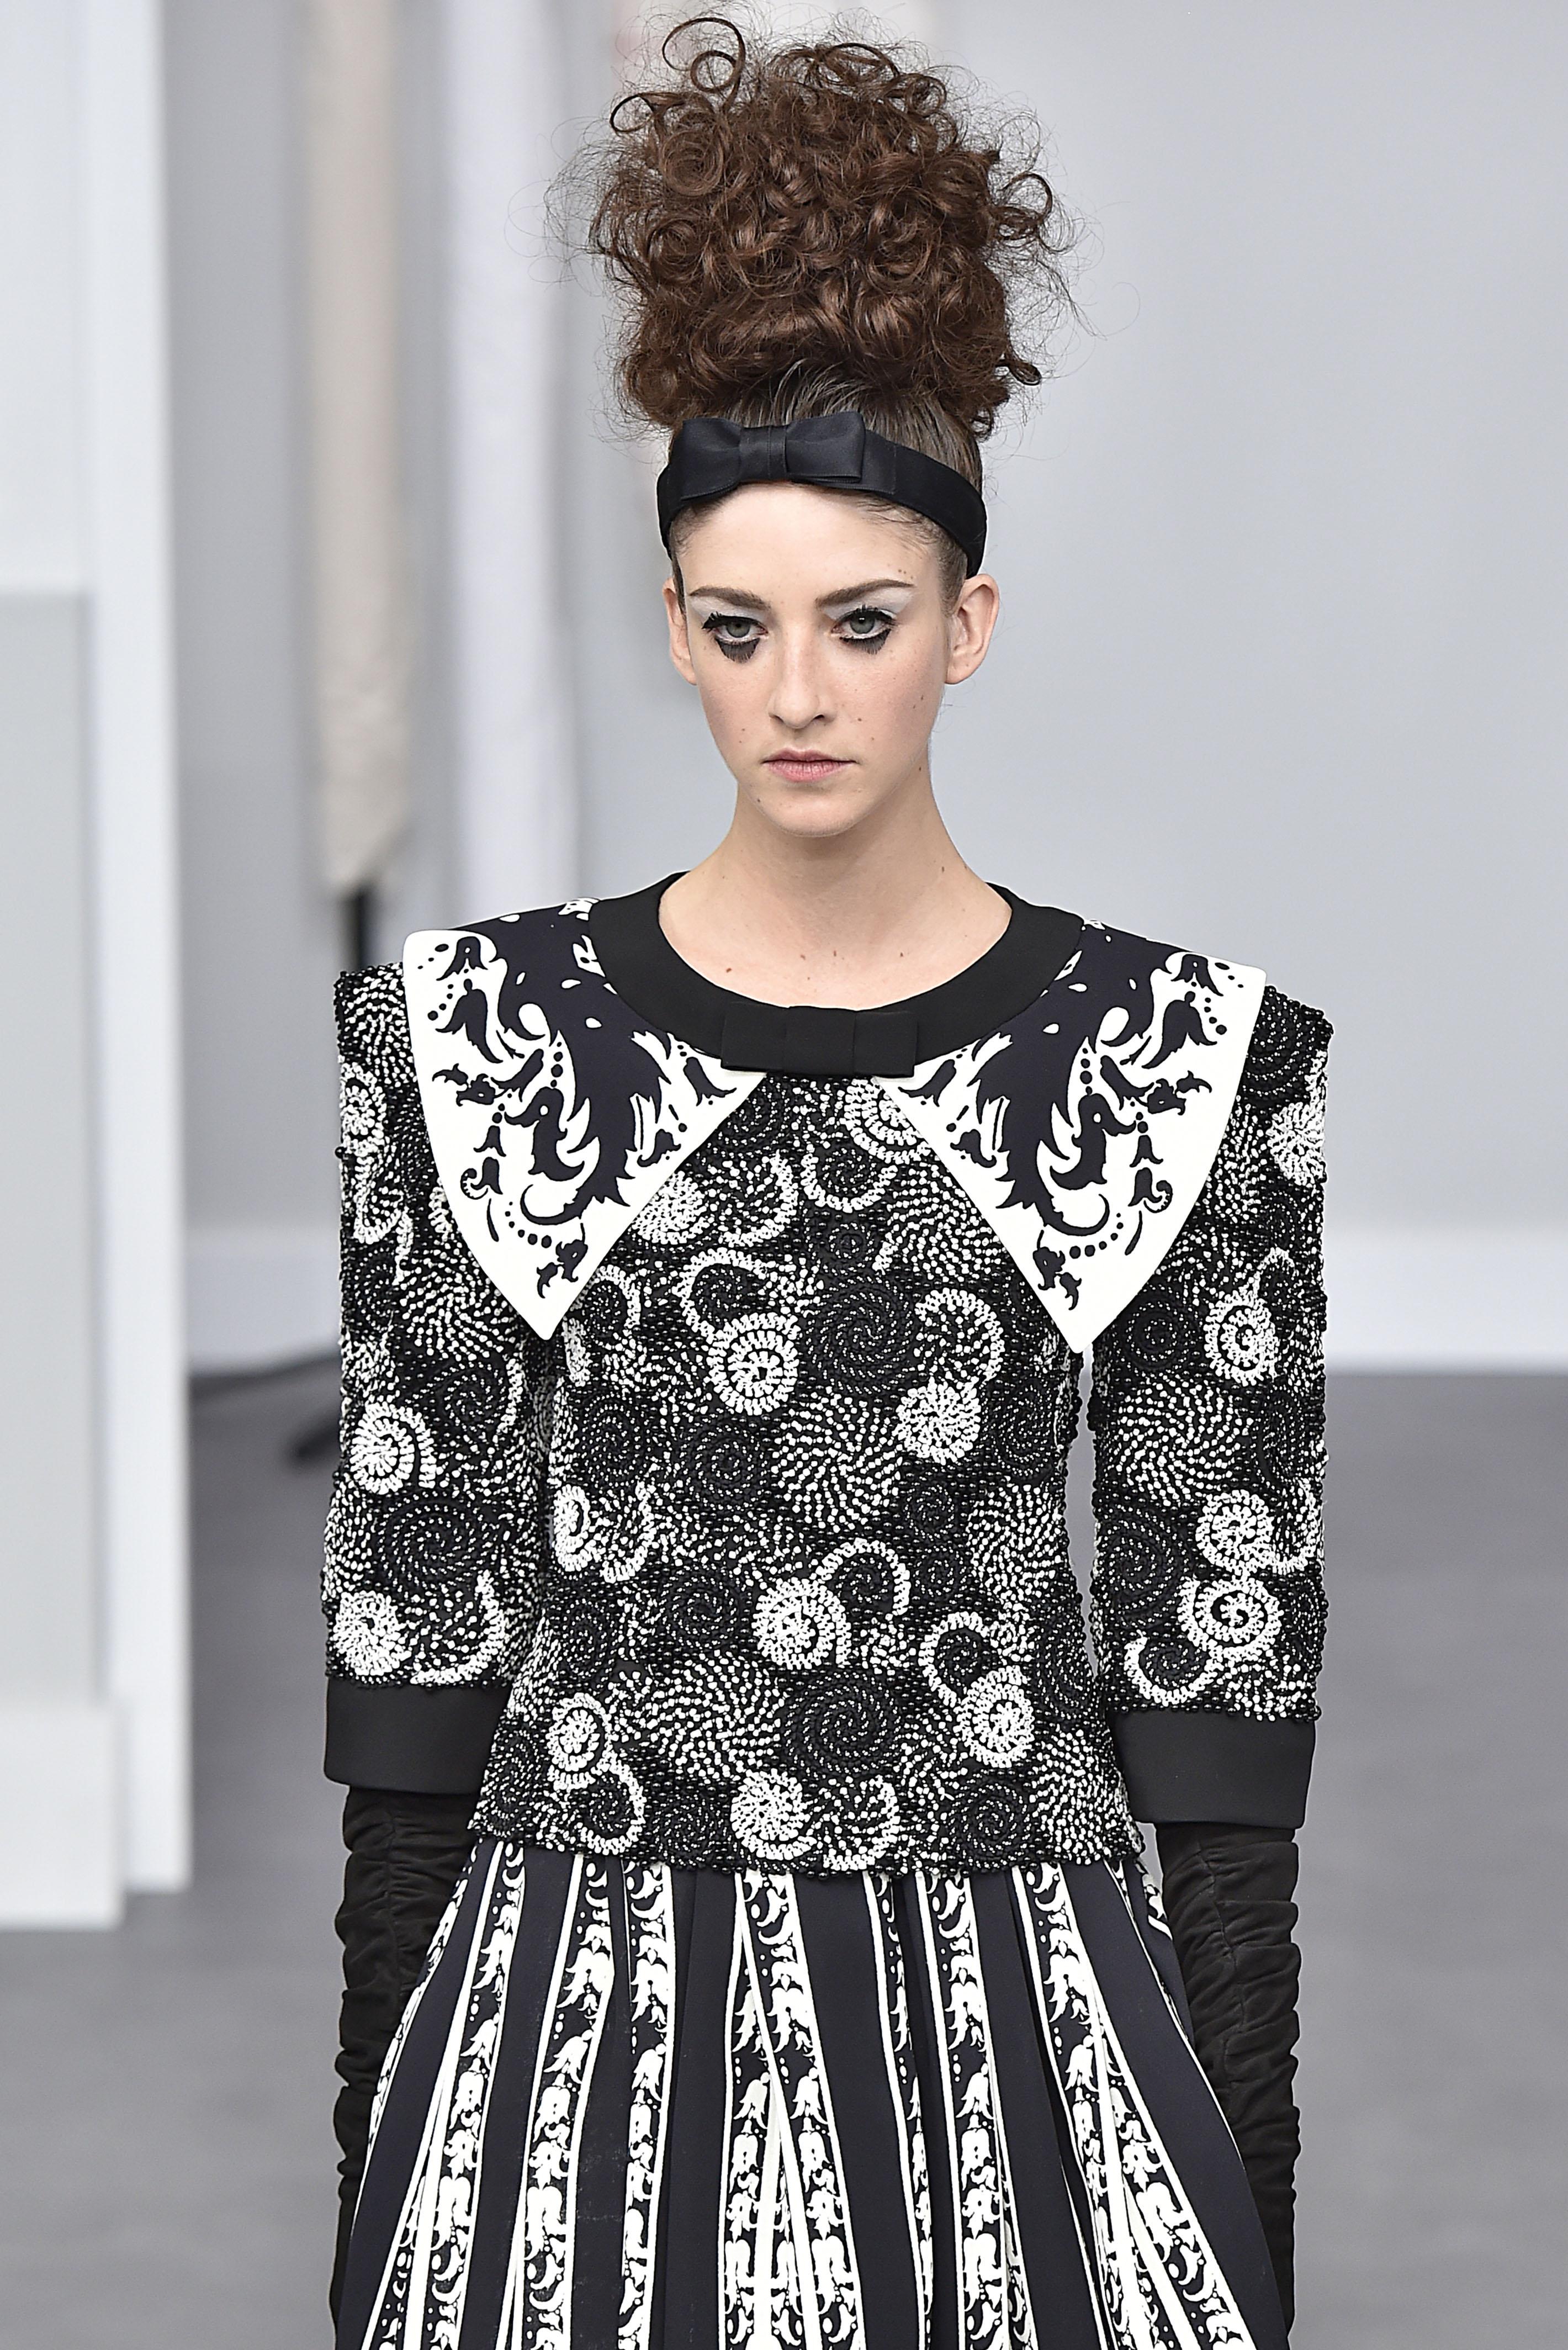 ec513d77f192c Chanel - Alta Costura- Paris -Inverno 2016- Julho 2016 foto  FOTOSITE